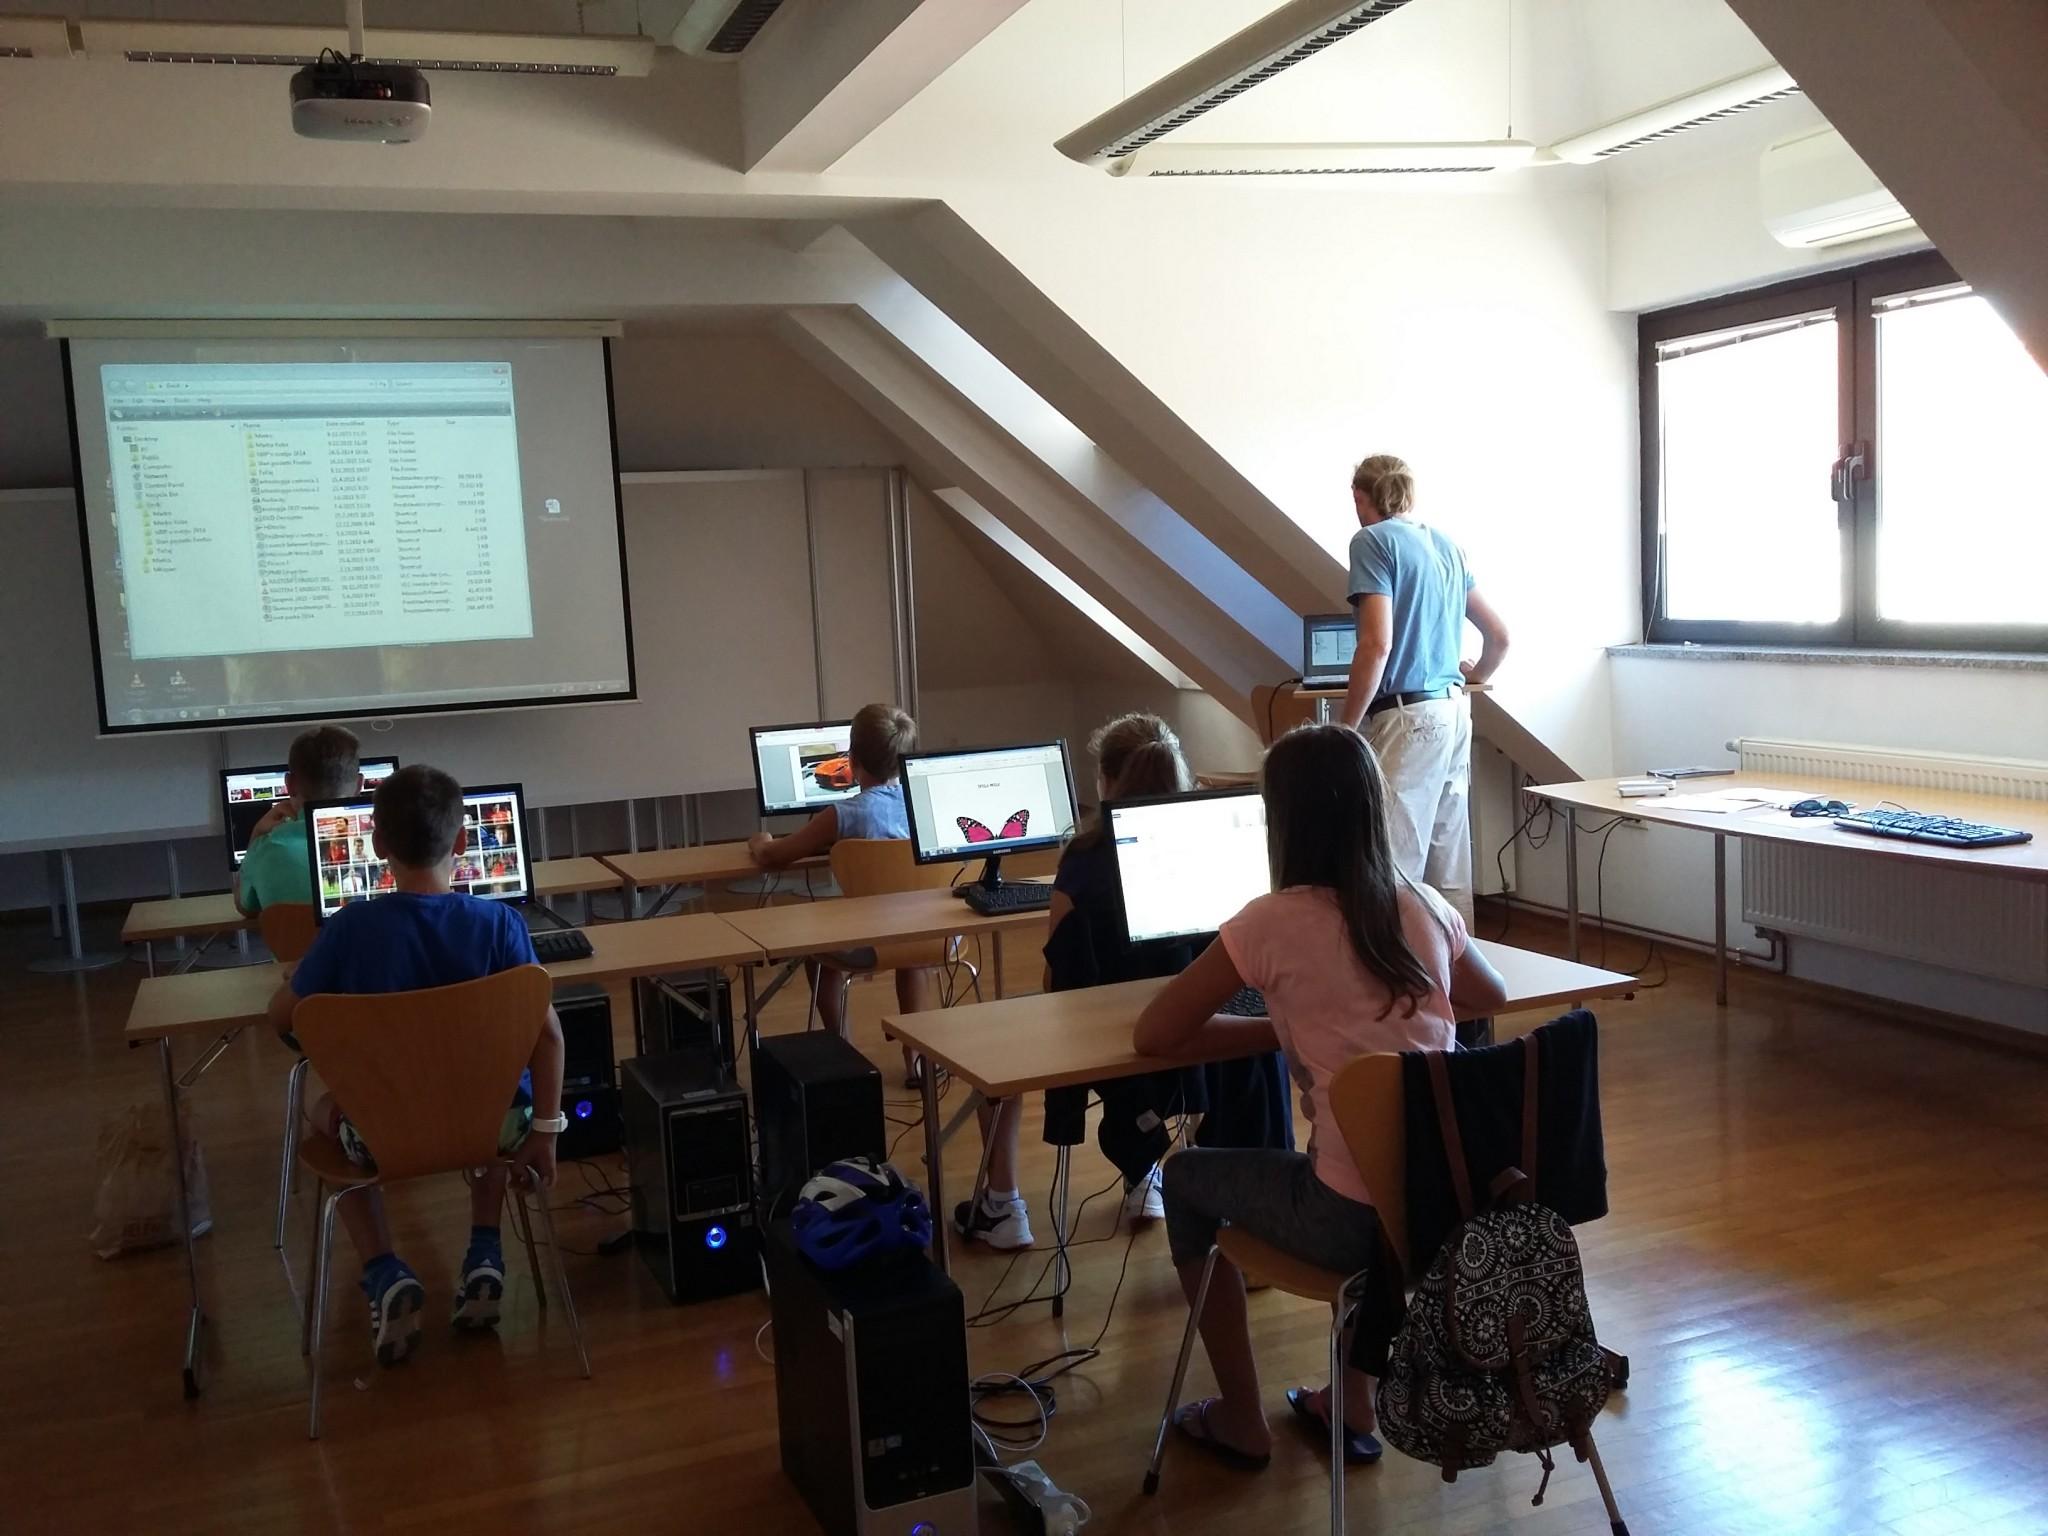 račteč1 - Osnovnošolci na brezplačnem računalniškem tečaju